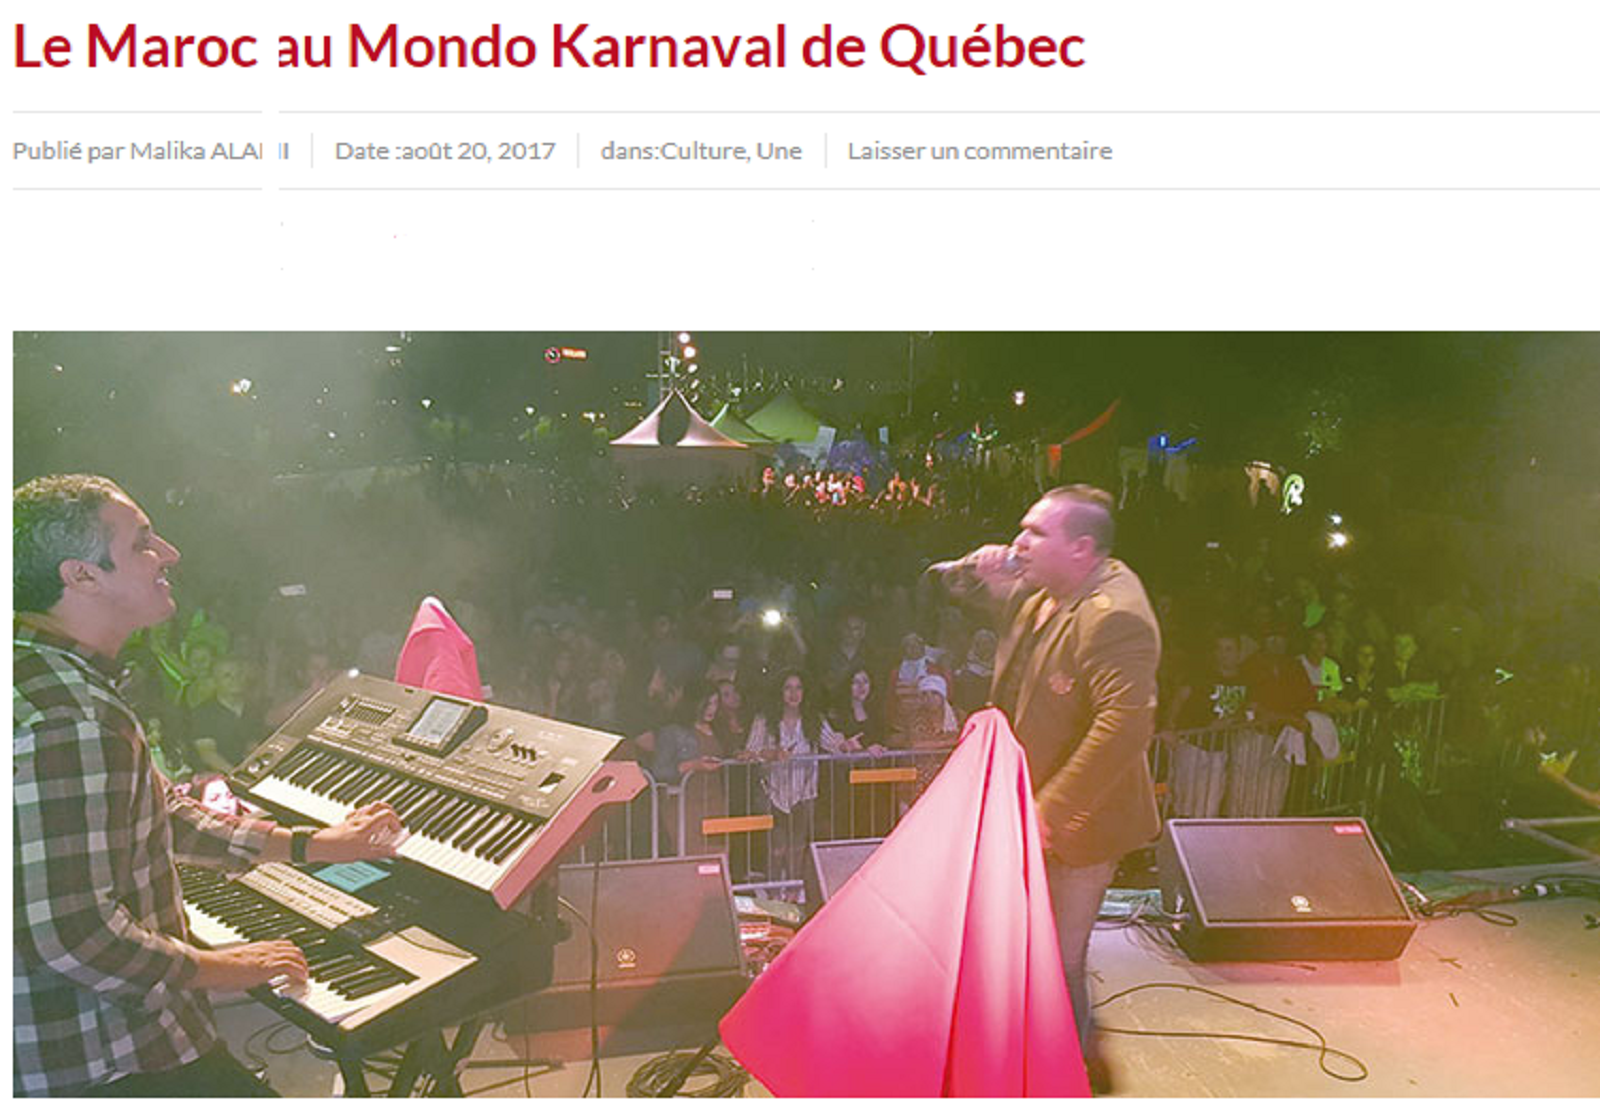 Le Maroc au Mondo Karnaval de Québec